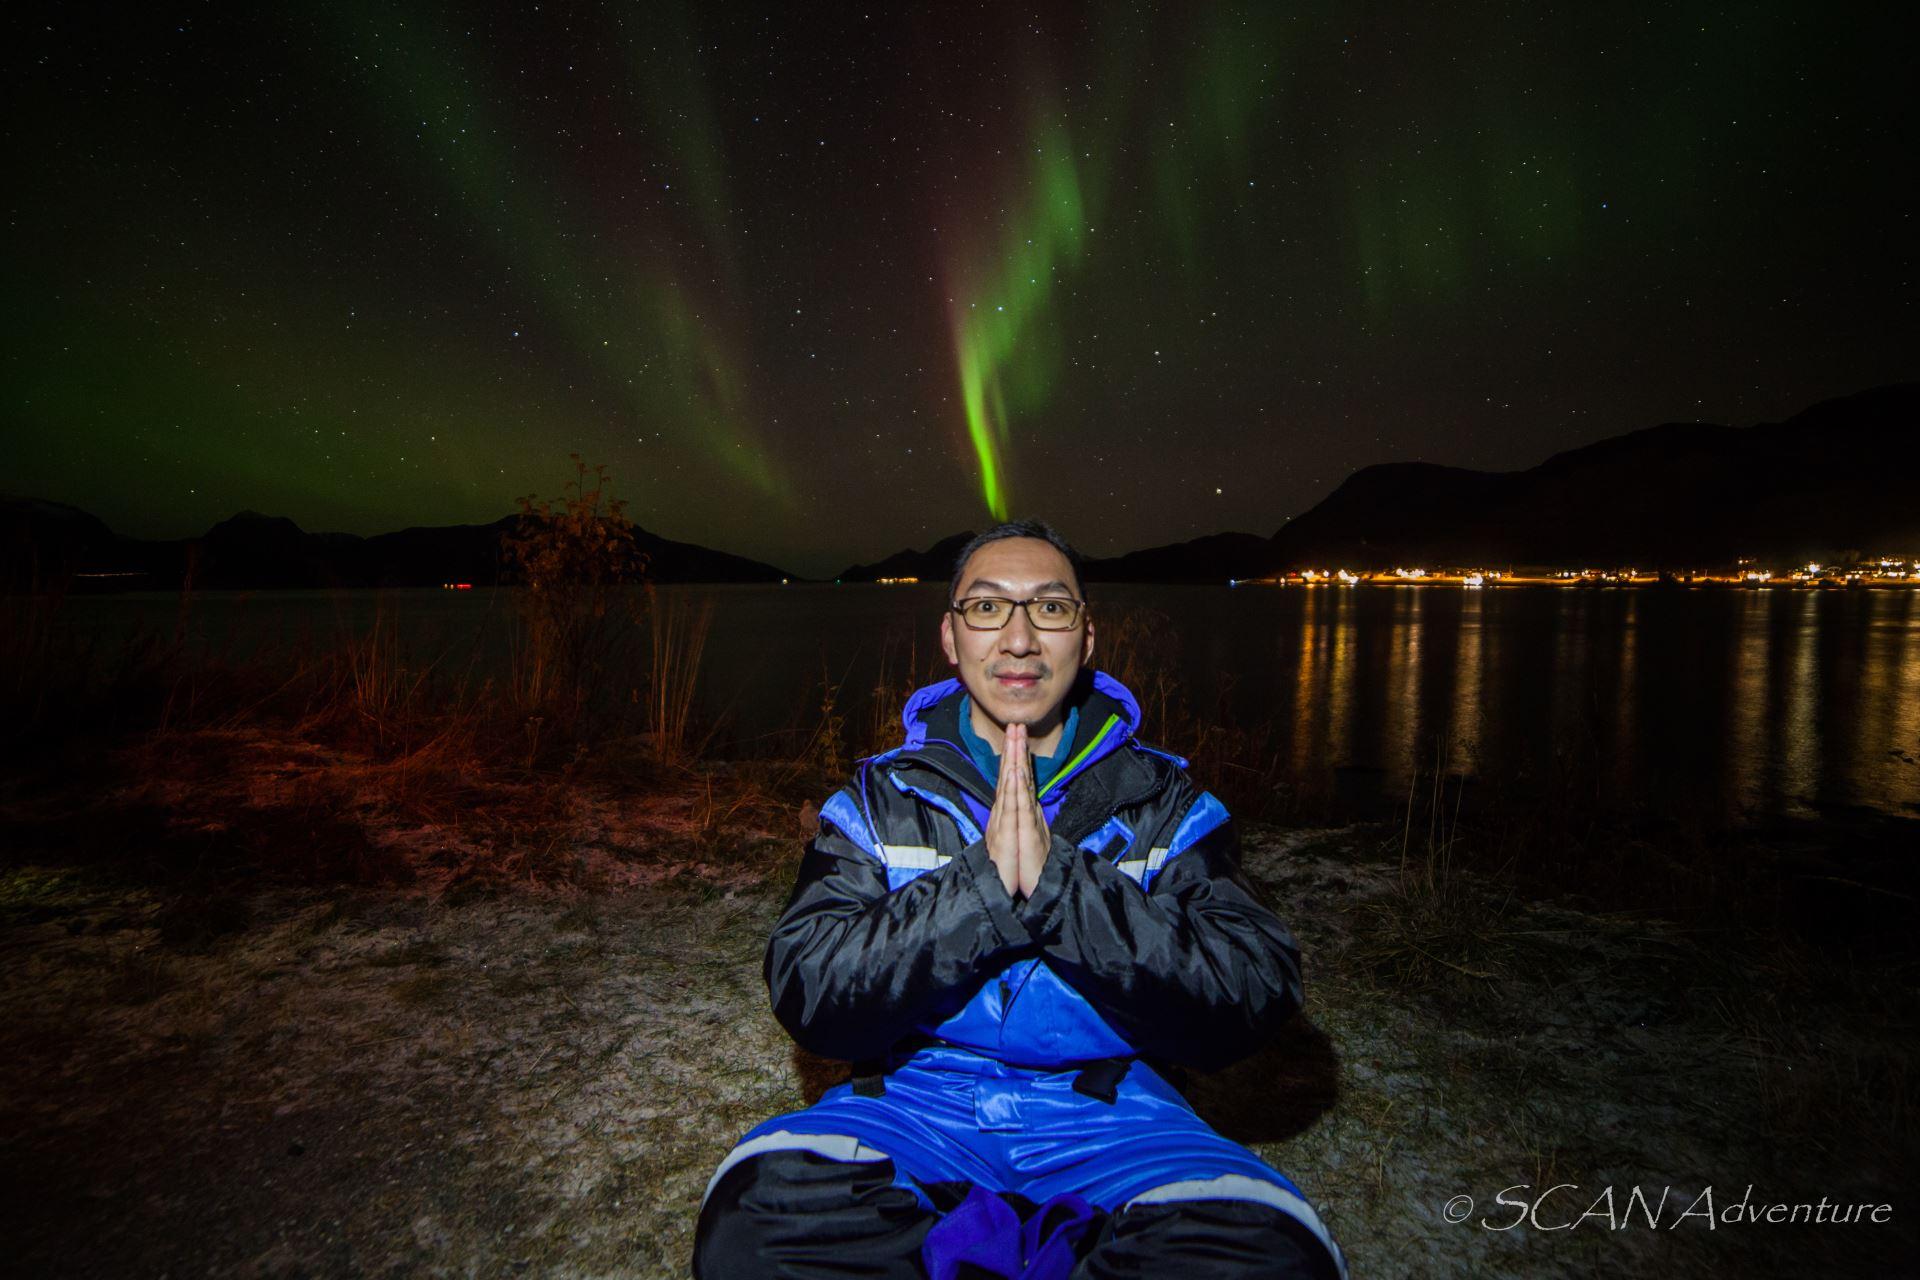 The Wonders of Northern Norway – Scan Adventure